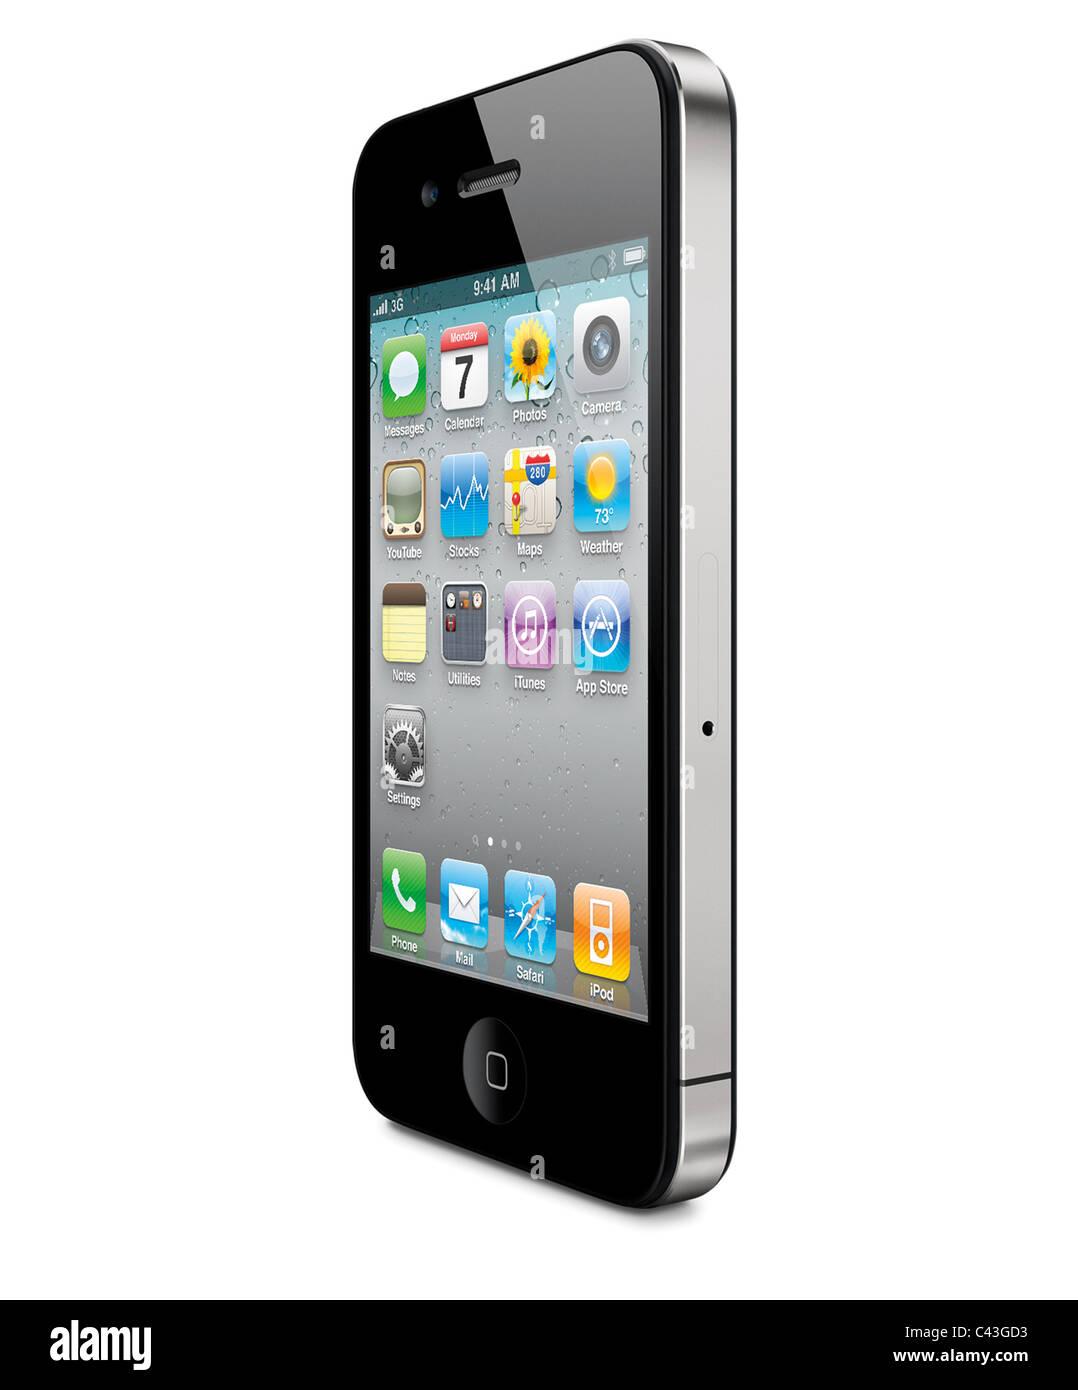 L'iPhone 4 découper la vue perspective, en fond blanc Photo Stock